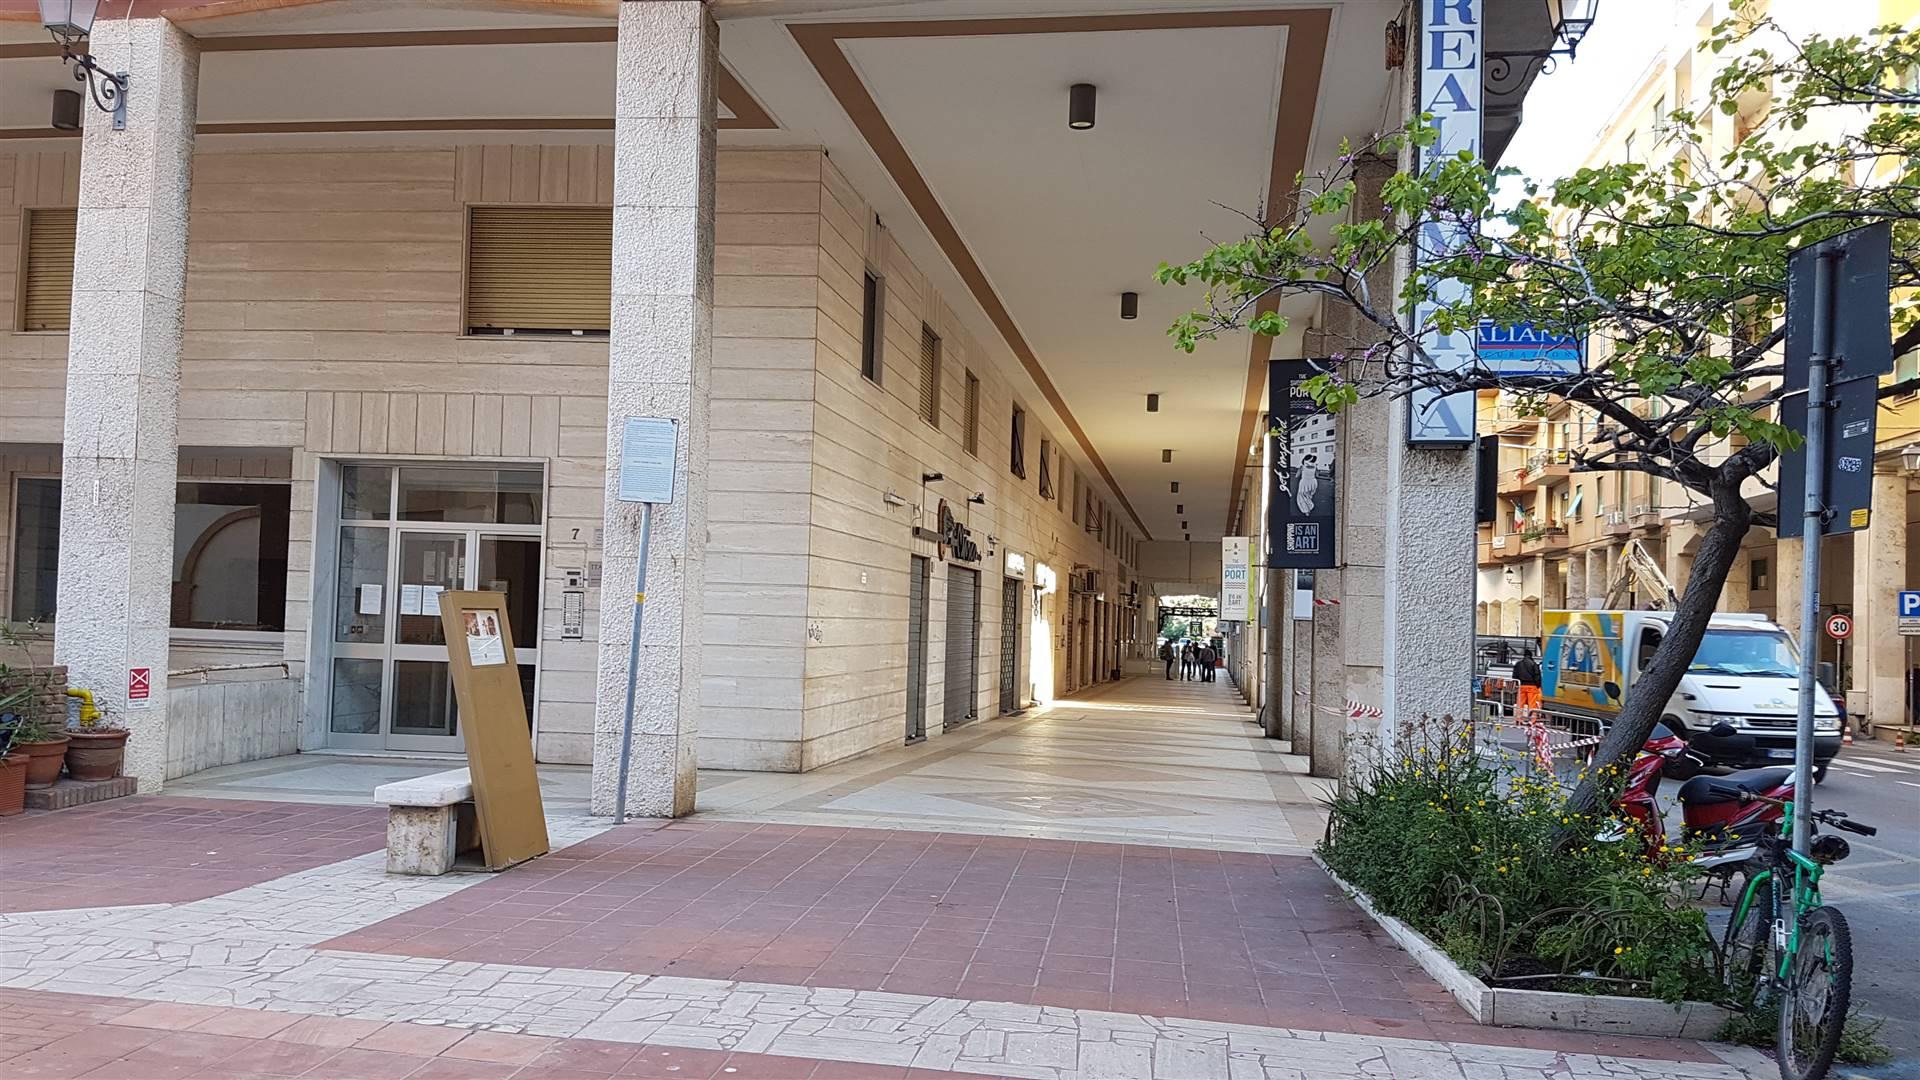 Appartamento in vendita a Civitavecchia, 3 locali, zona Località: CENTRO, prezzo € 109.000   CambioCasa.it